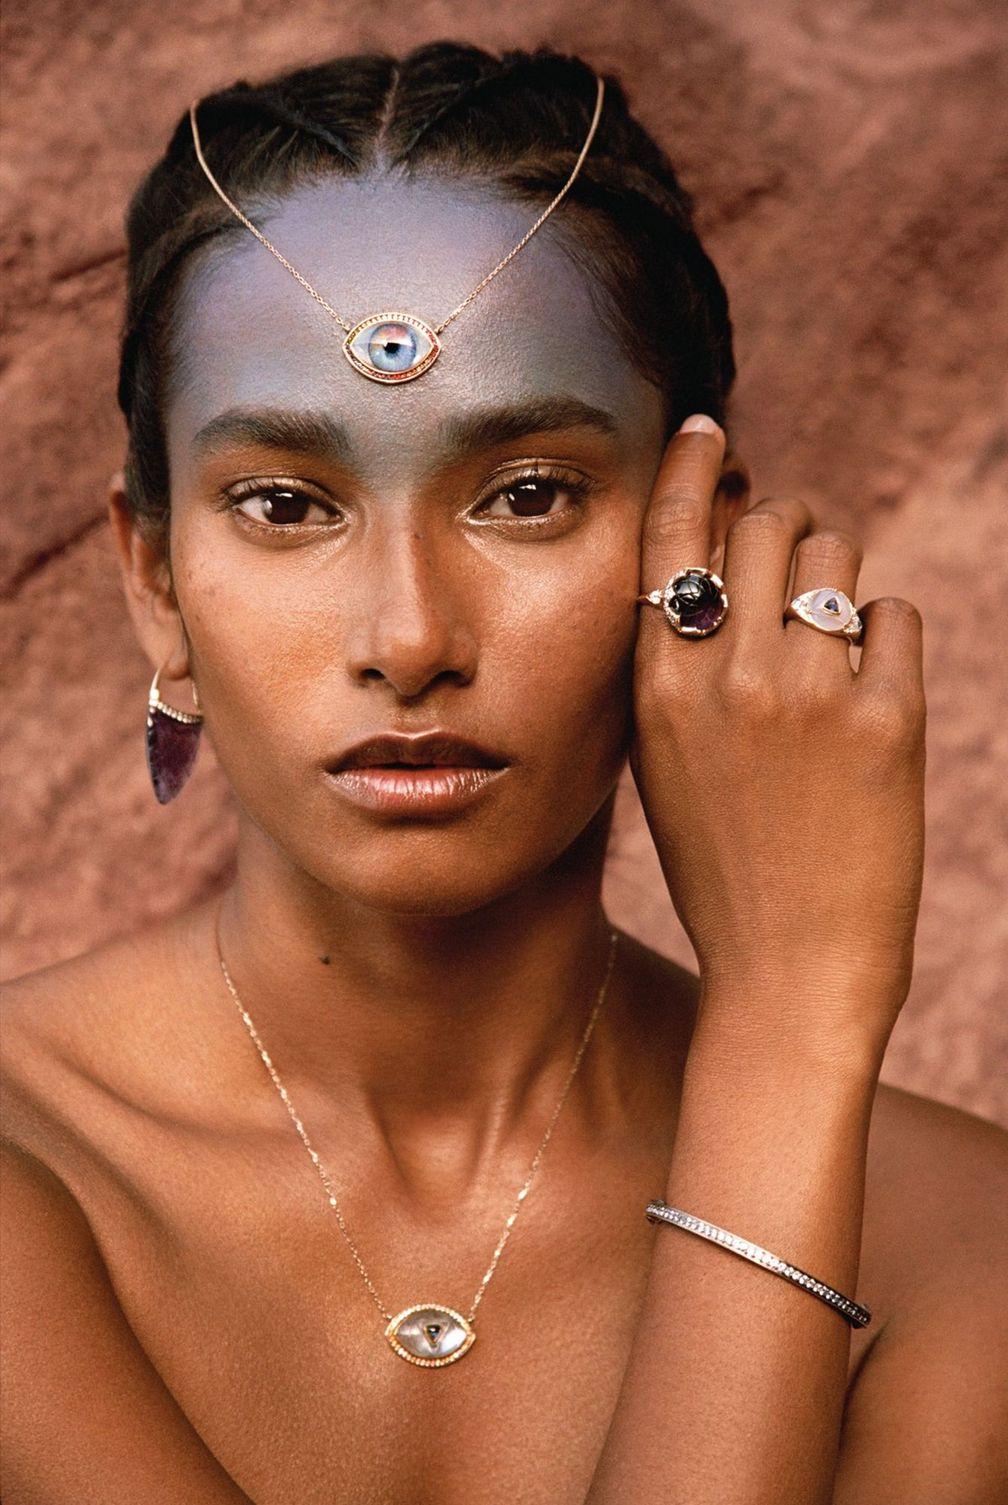 Ожерелье Personalized Eye, кольцо Sahasrara, кольцо Ajna, браслет Ajna, подвеска Ajna, серьги Sahasrara